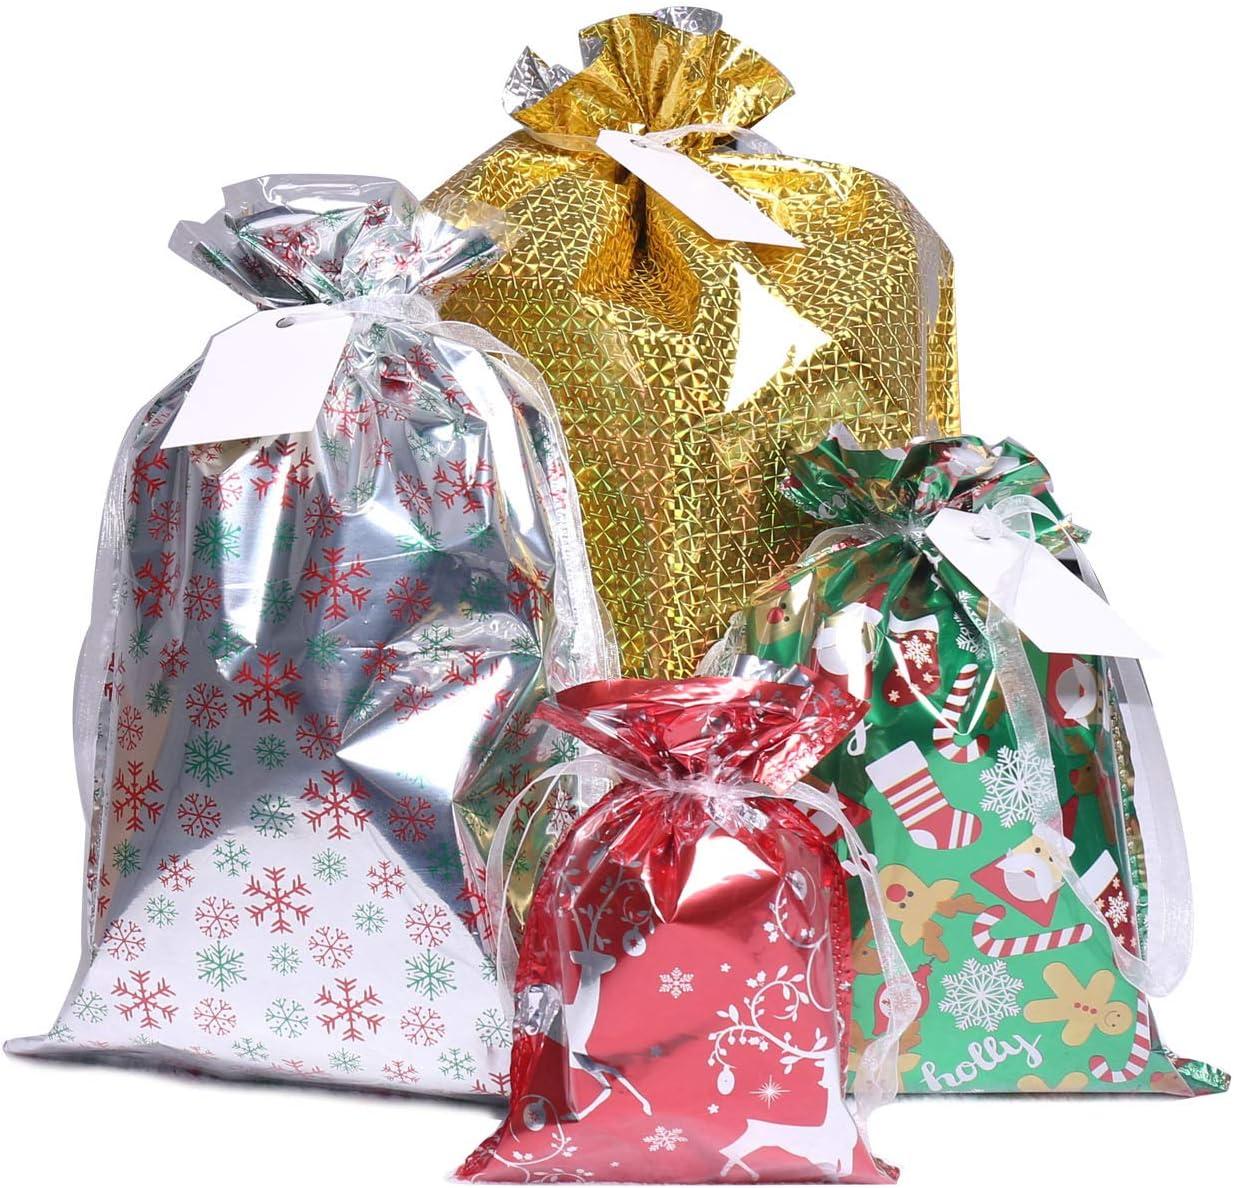 christmas gift bags teddy bear christmas bags santa teddy gift bags birthday gift bags santa bear gift bags